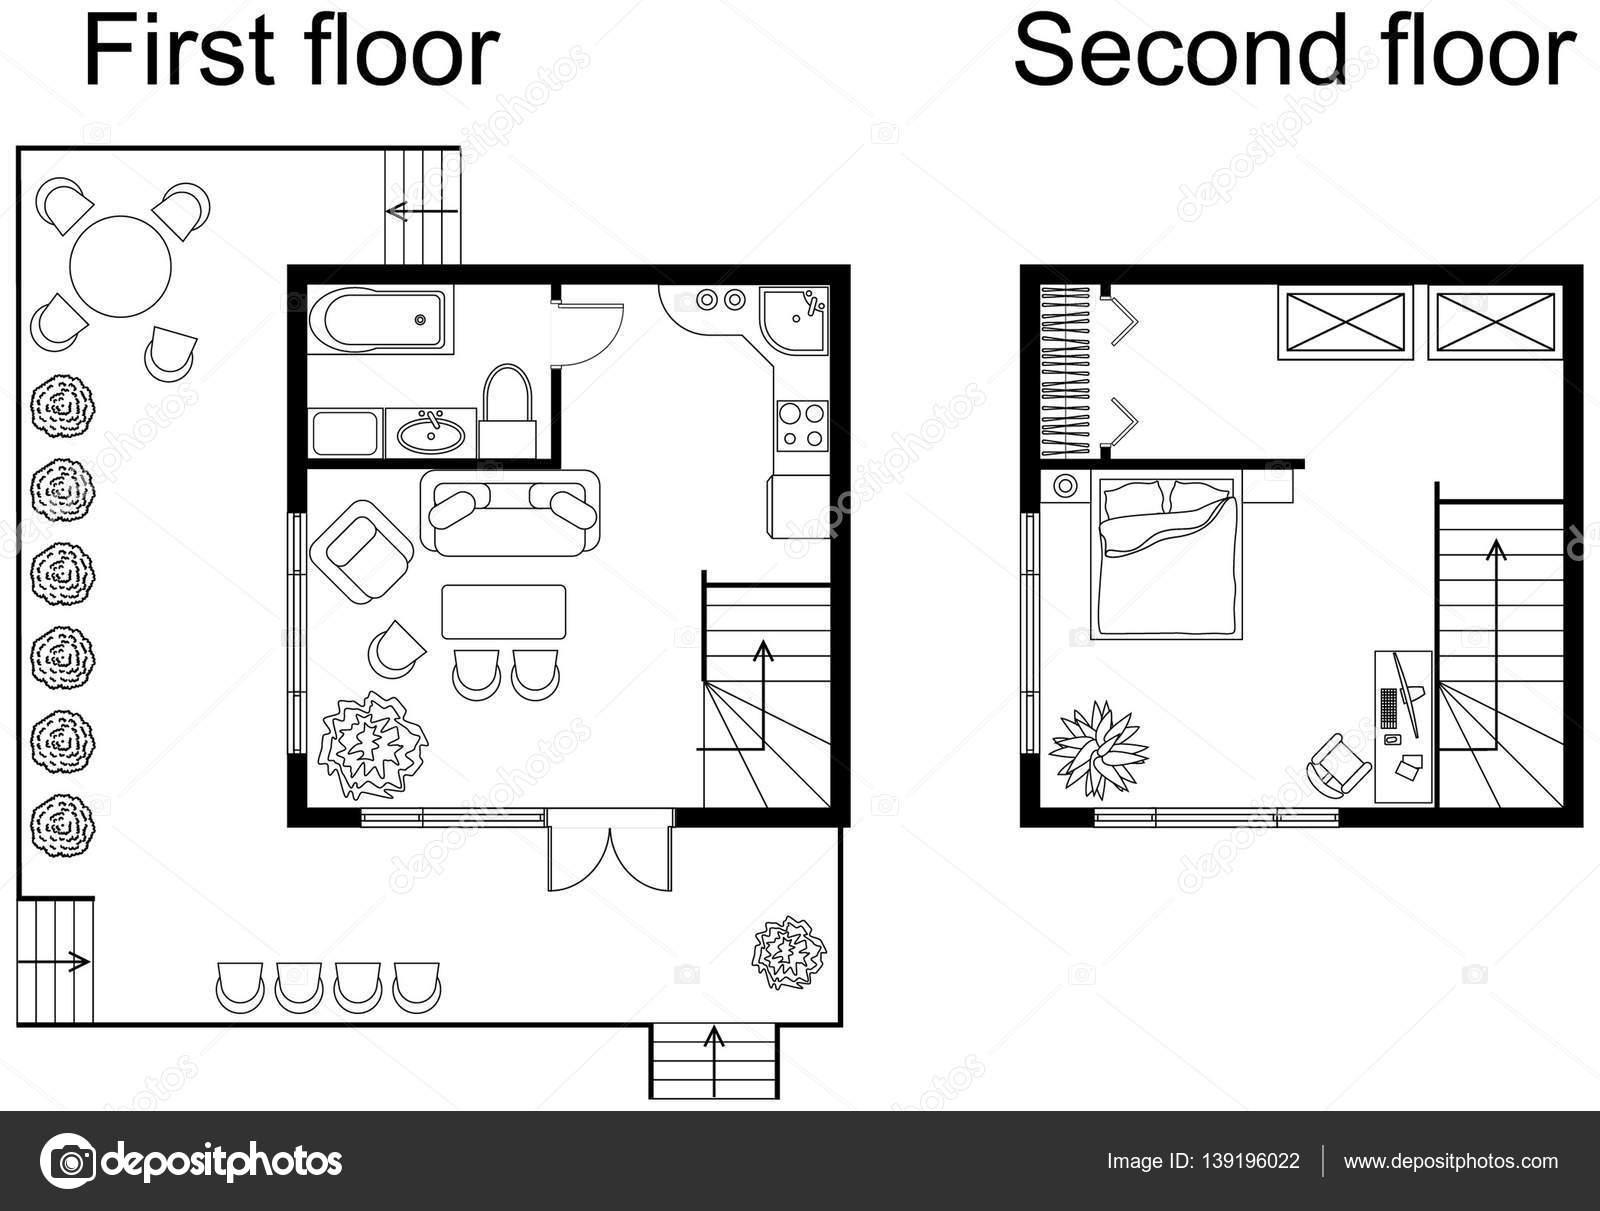 Noir Et Blanc Plan Architectural Du0027une Petite Maison De Deux étages.  Appartement Avec Des Meubles En Vue De Dessin. Avec Cuisine Et Salle De  Bains, ...